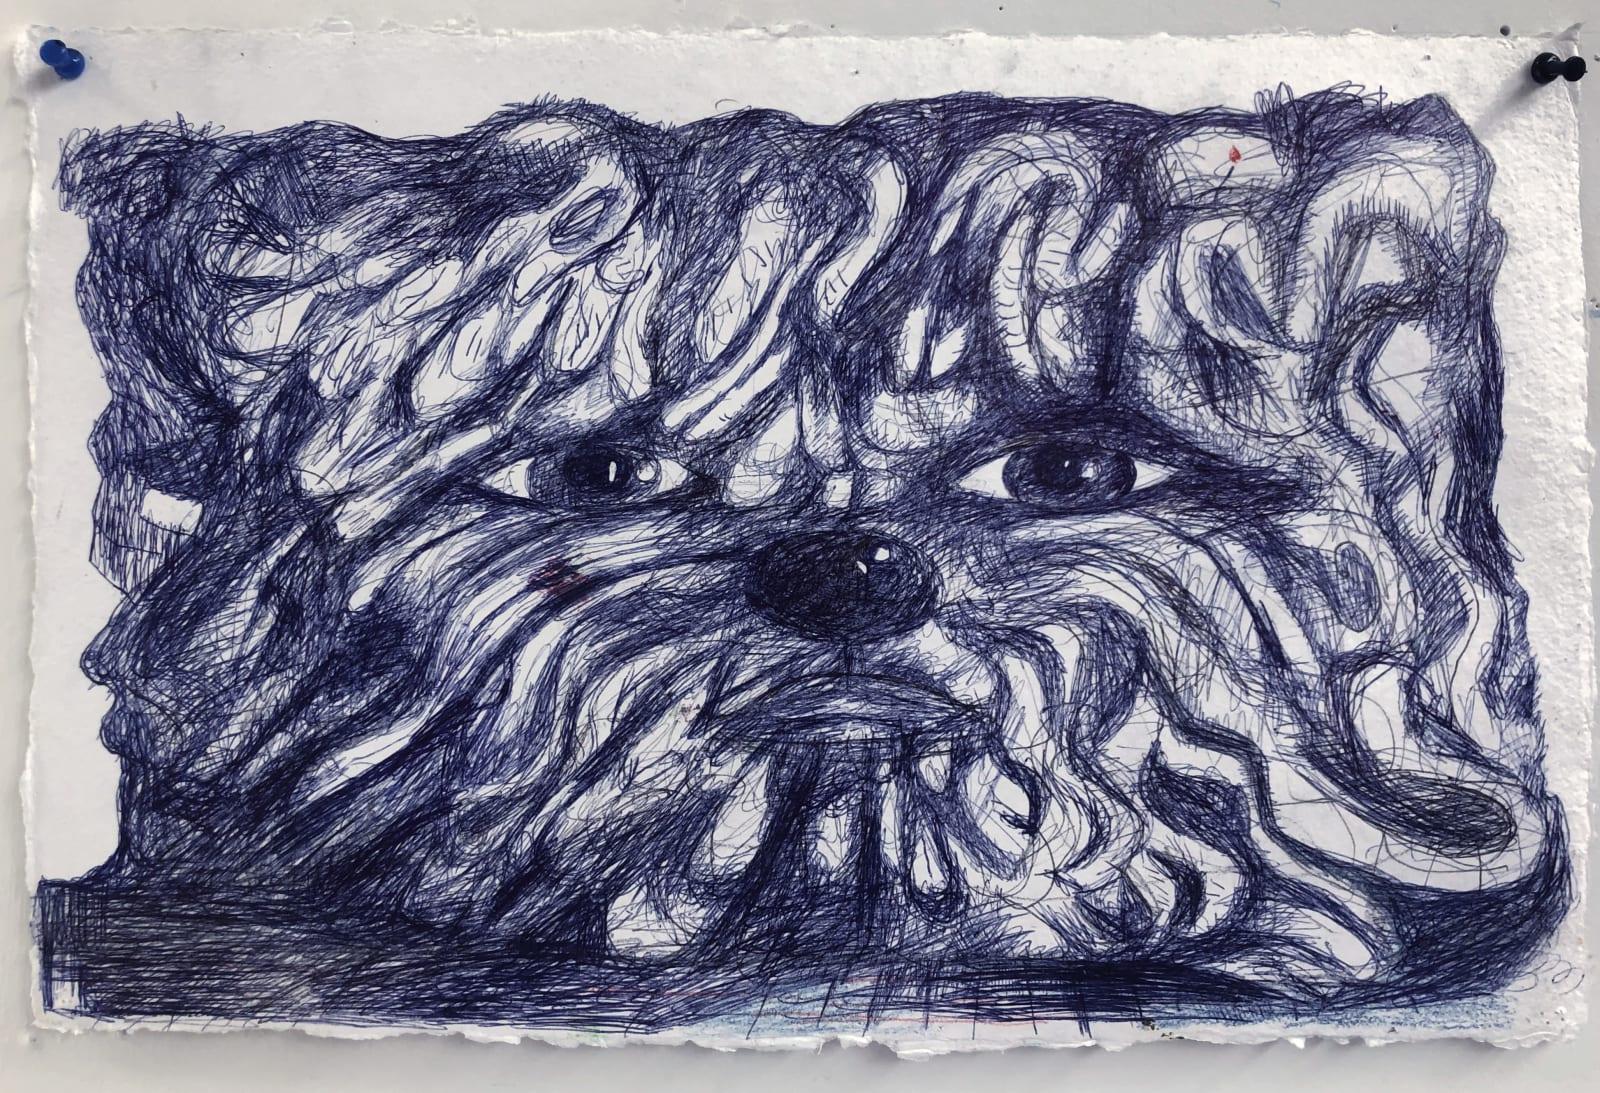 Bill Adams, Untitled, 2020 ballpoint pen on paper, 12 x 18 in